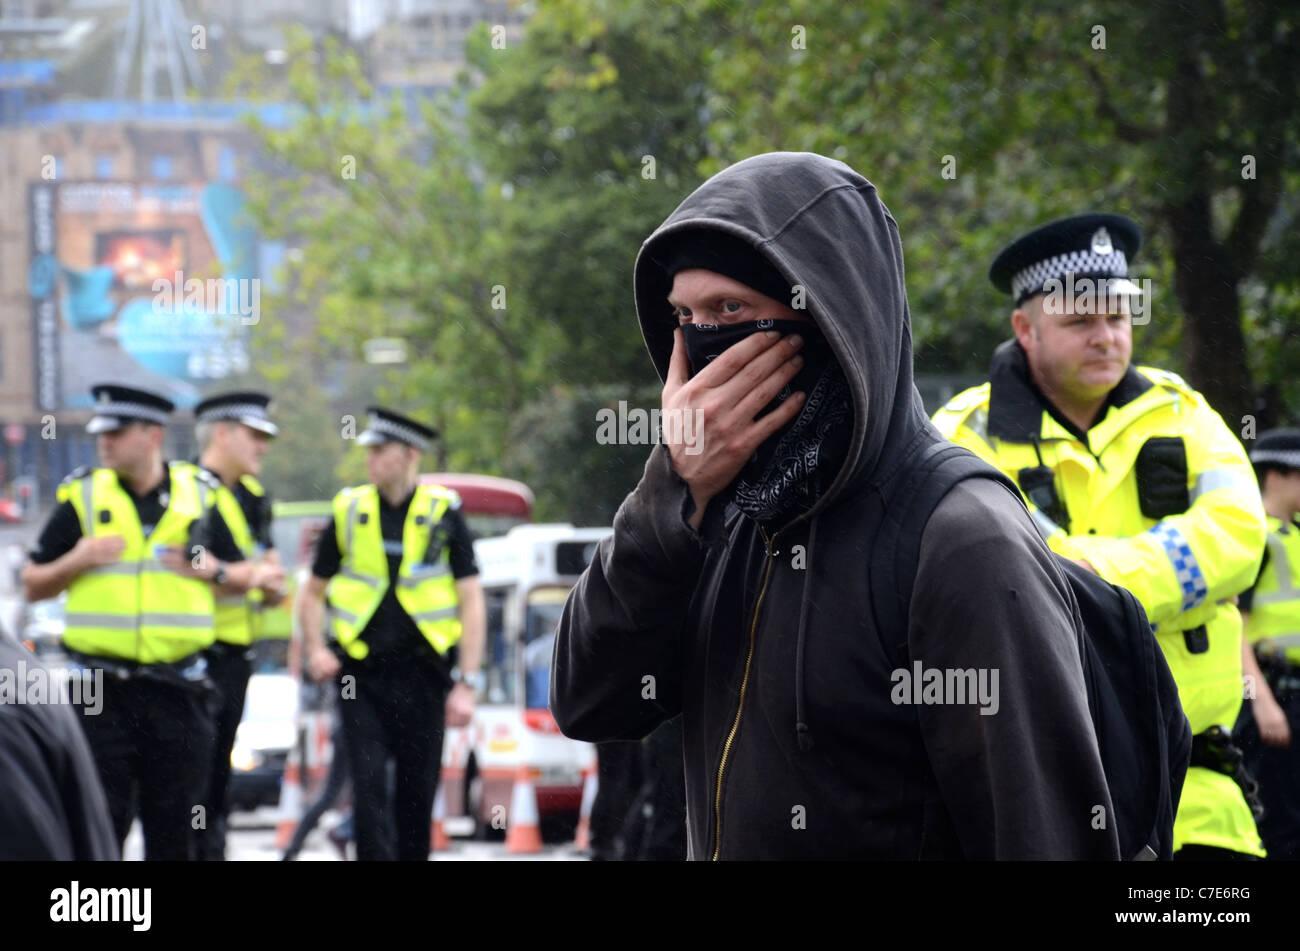 Mit Kapuze und maskierten Demonstranten Spaziergänge Princes Street in Edinburgh, während die Polizei Stockbild